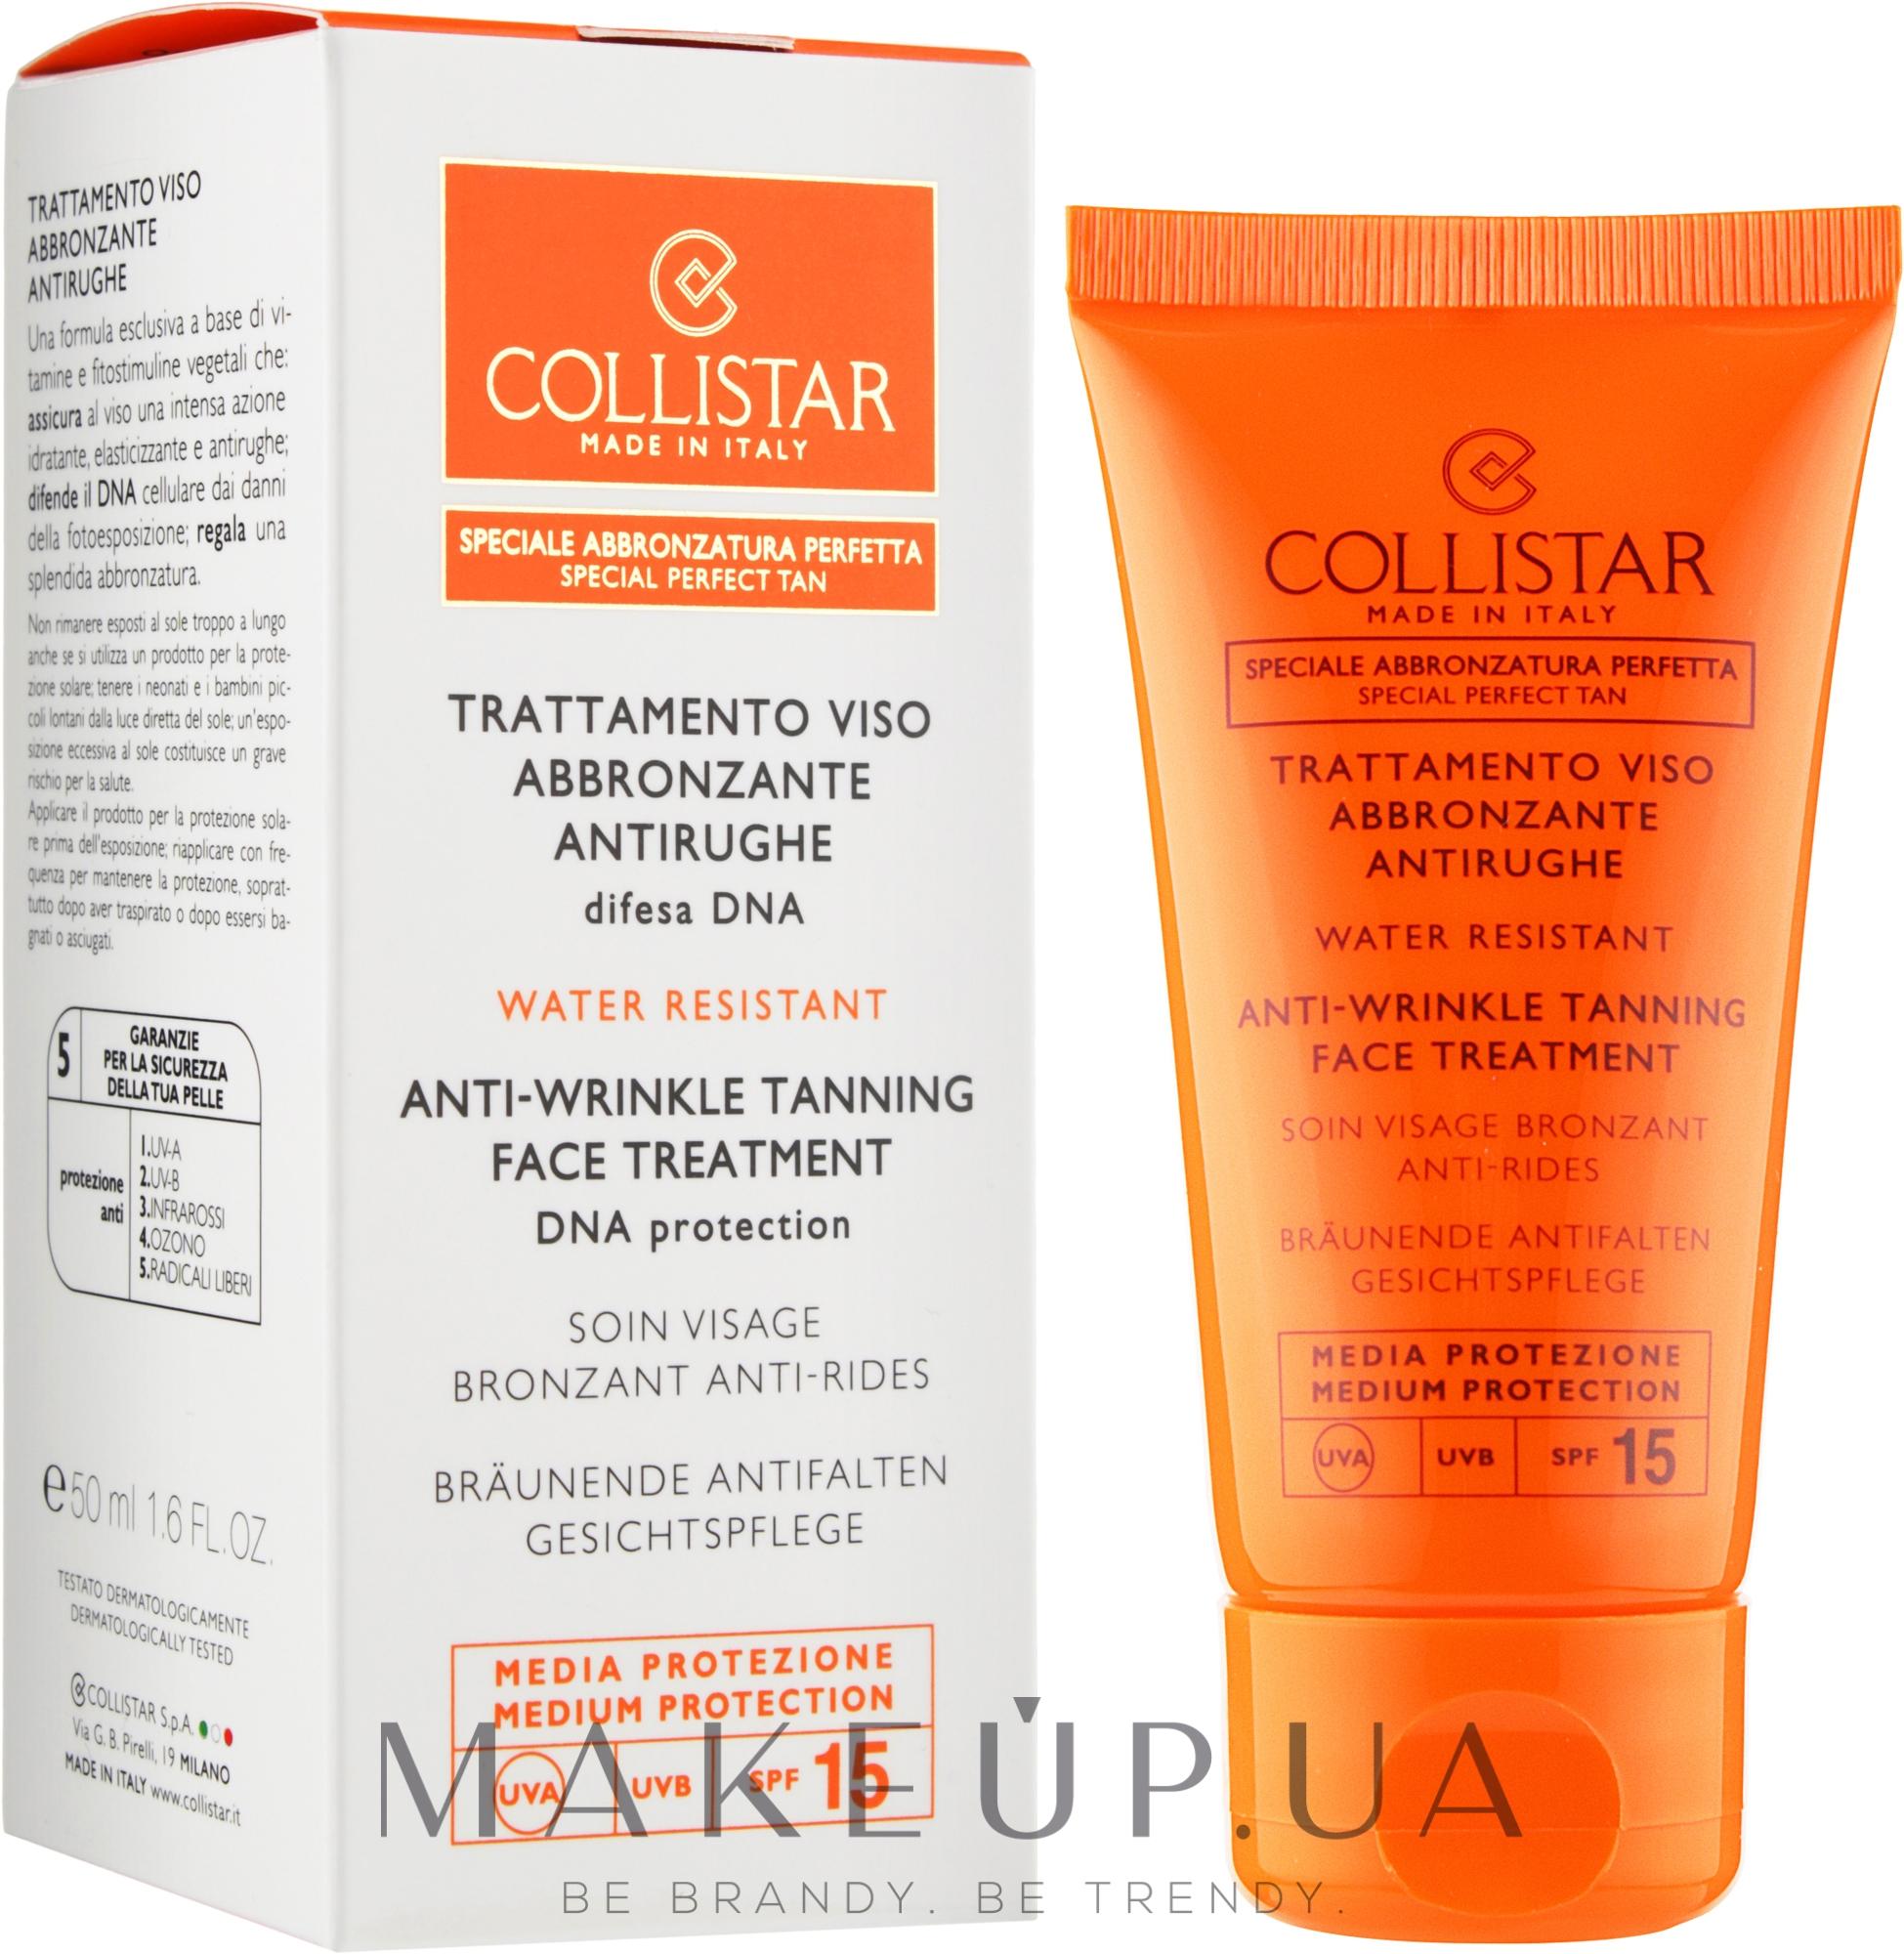 Лікувальний сонцезахисний крем від зморшок з захистом днк клітин - Collistar Speciale Abbronztura Perfetta Anti-Wrinkle Tanning Face Treatment SPF15 — фото 50ml